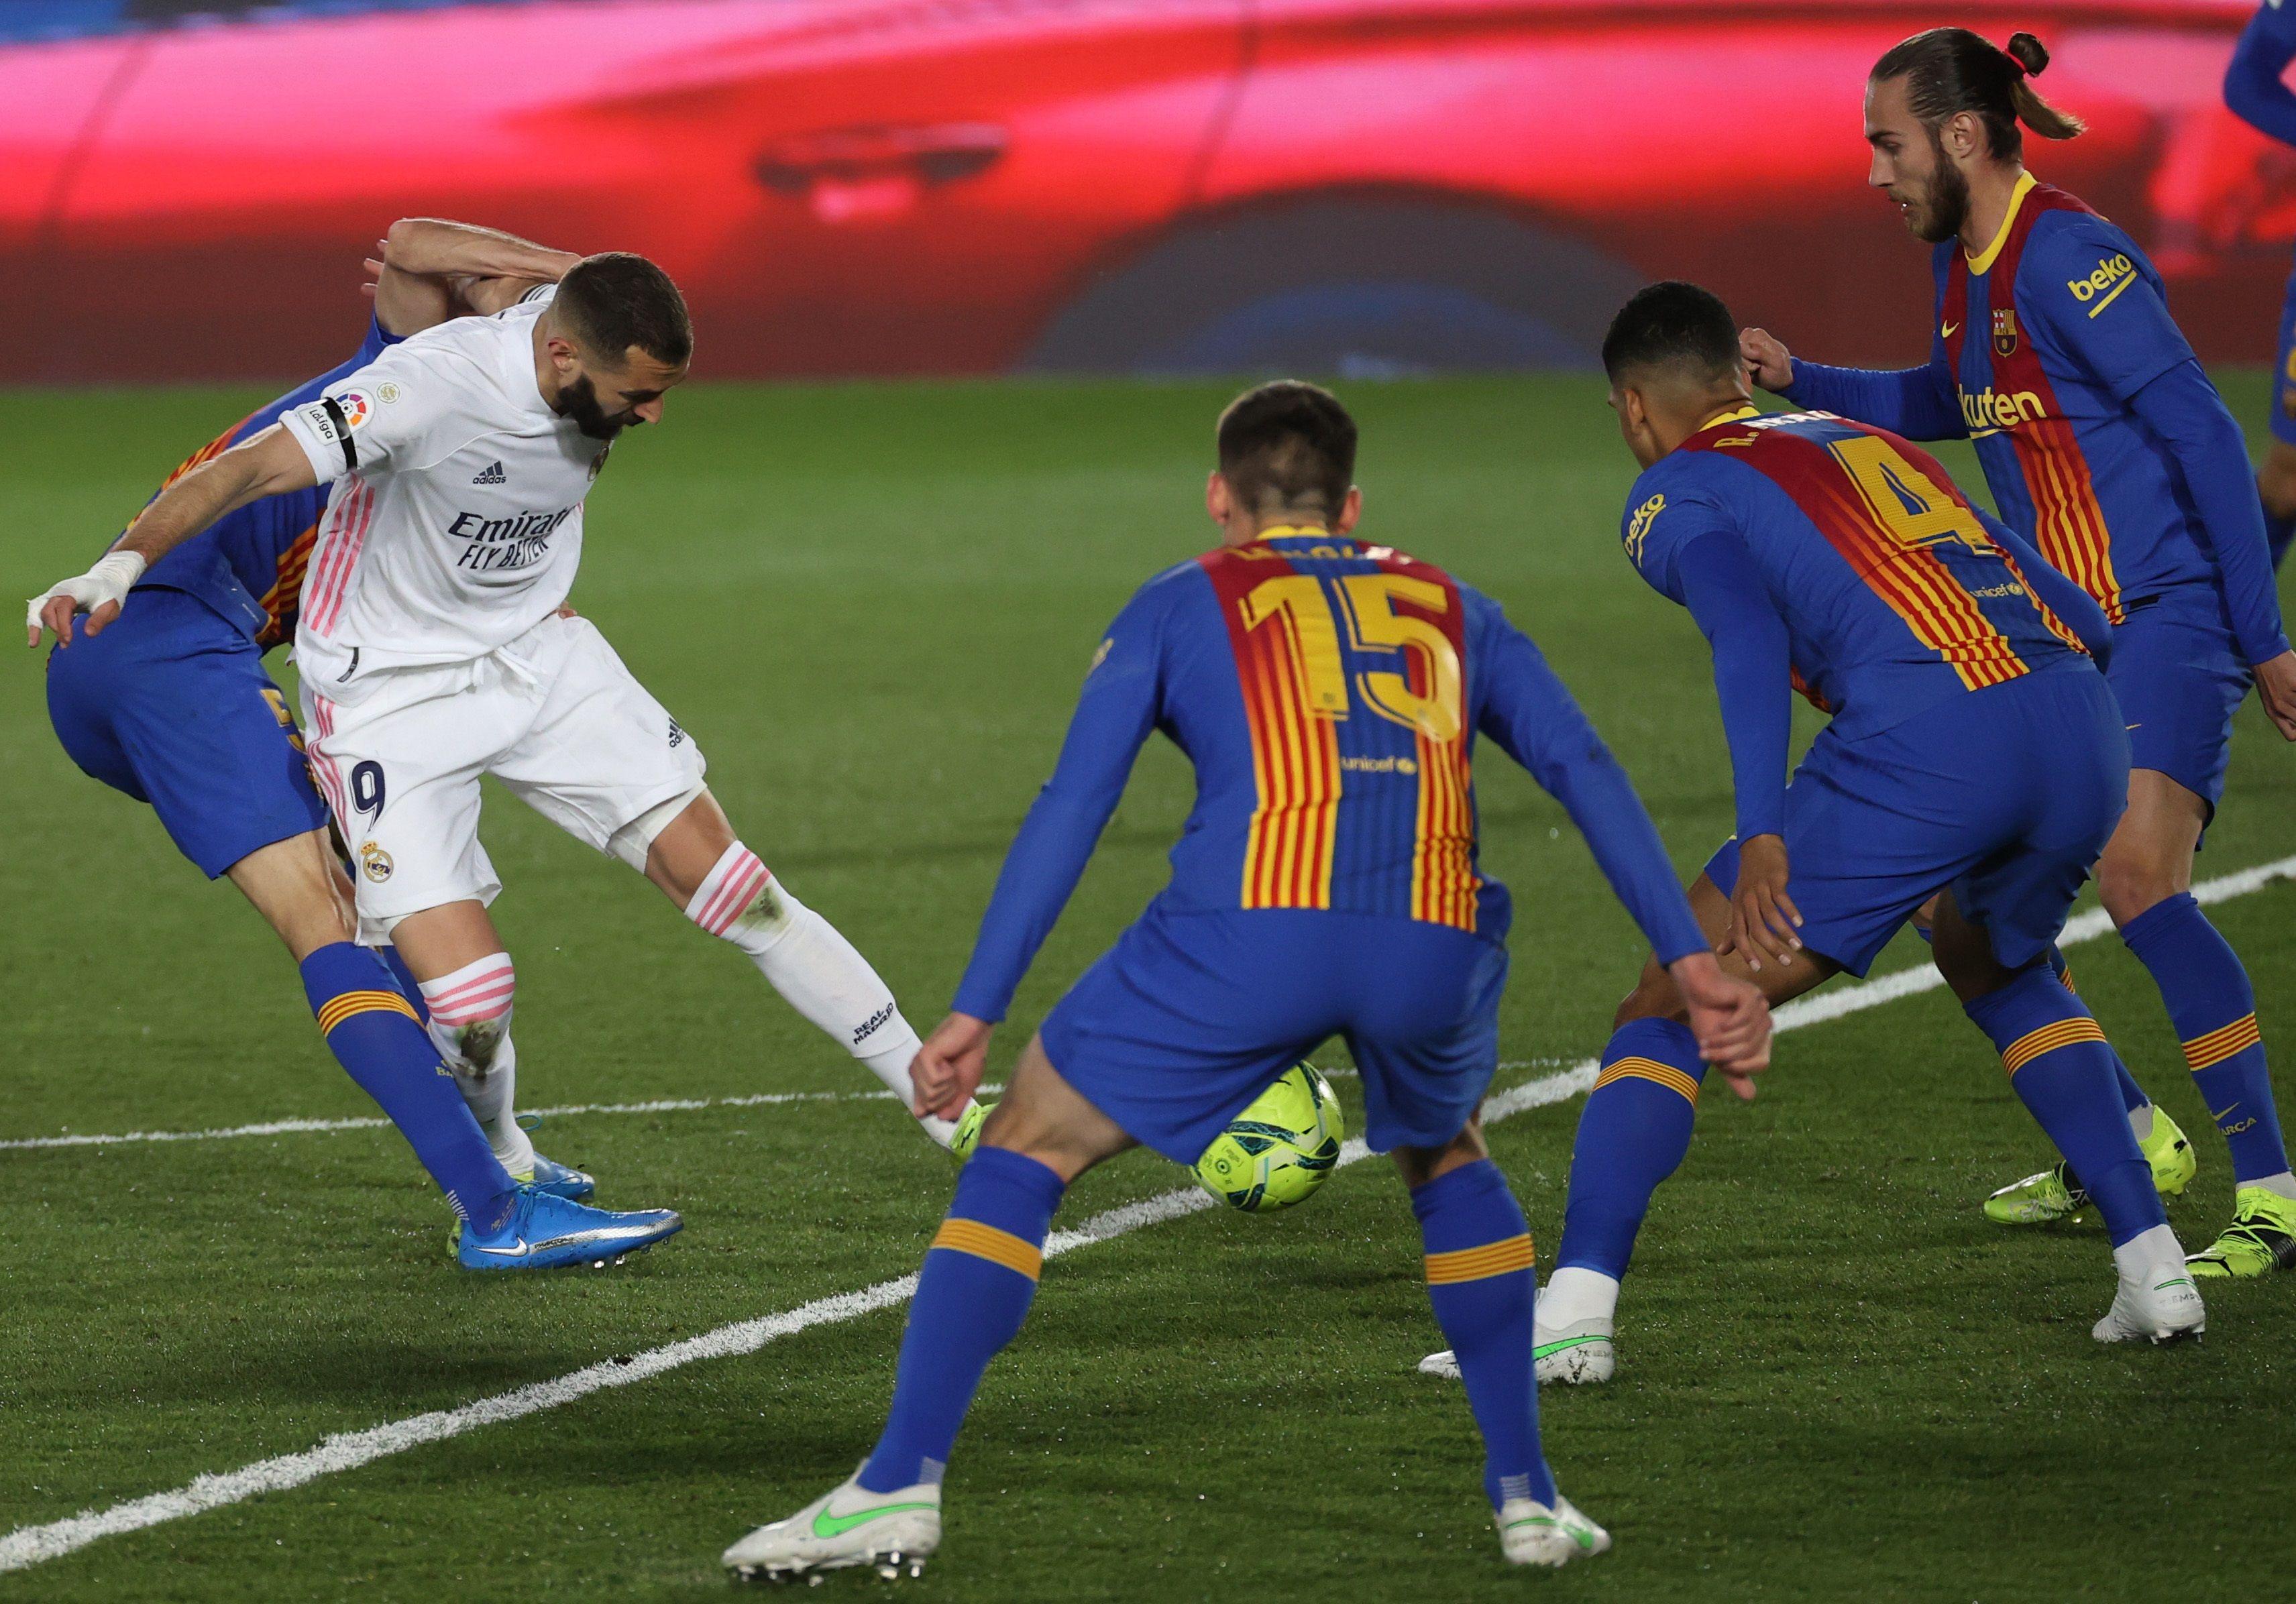 Jugadores del Real Madrid y Barcelona, dos de los clubes fundadores de la Superliga.